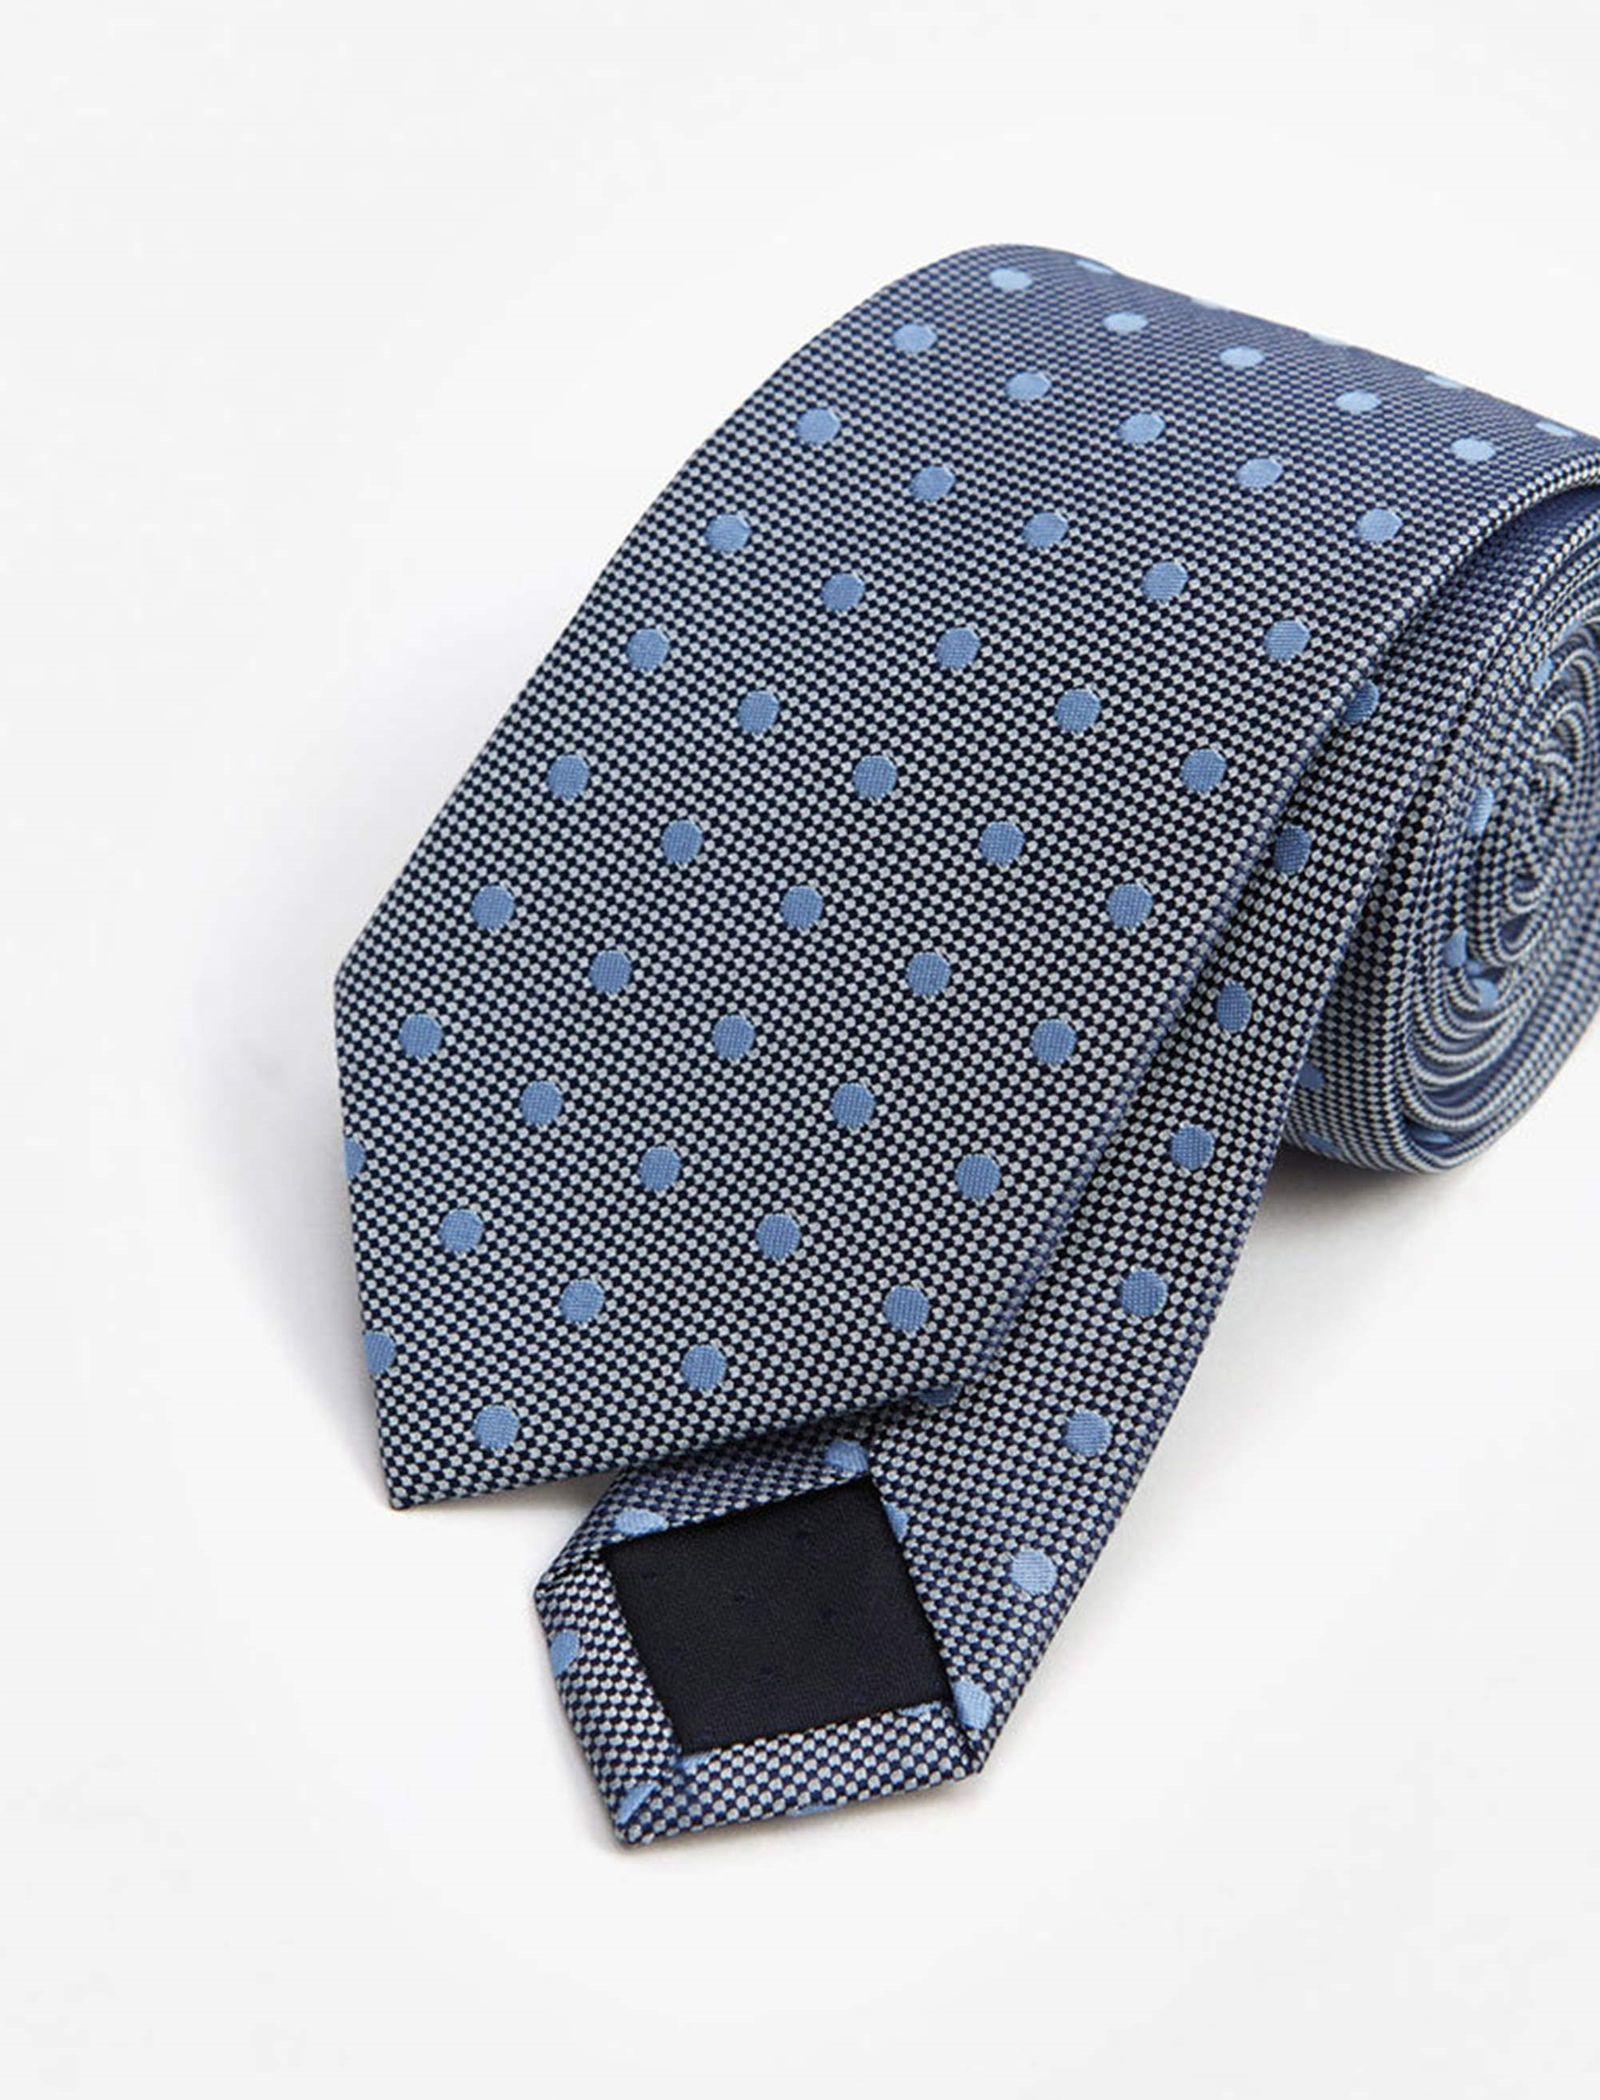 کراوات ابریشم طرح دار مردانه - مانگو - سرمه اي  - 2